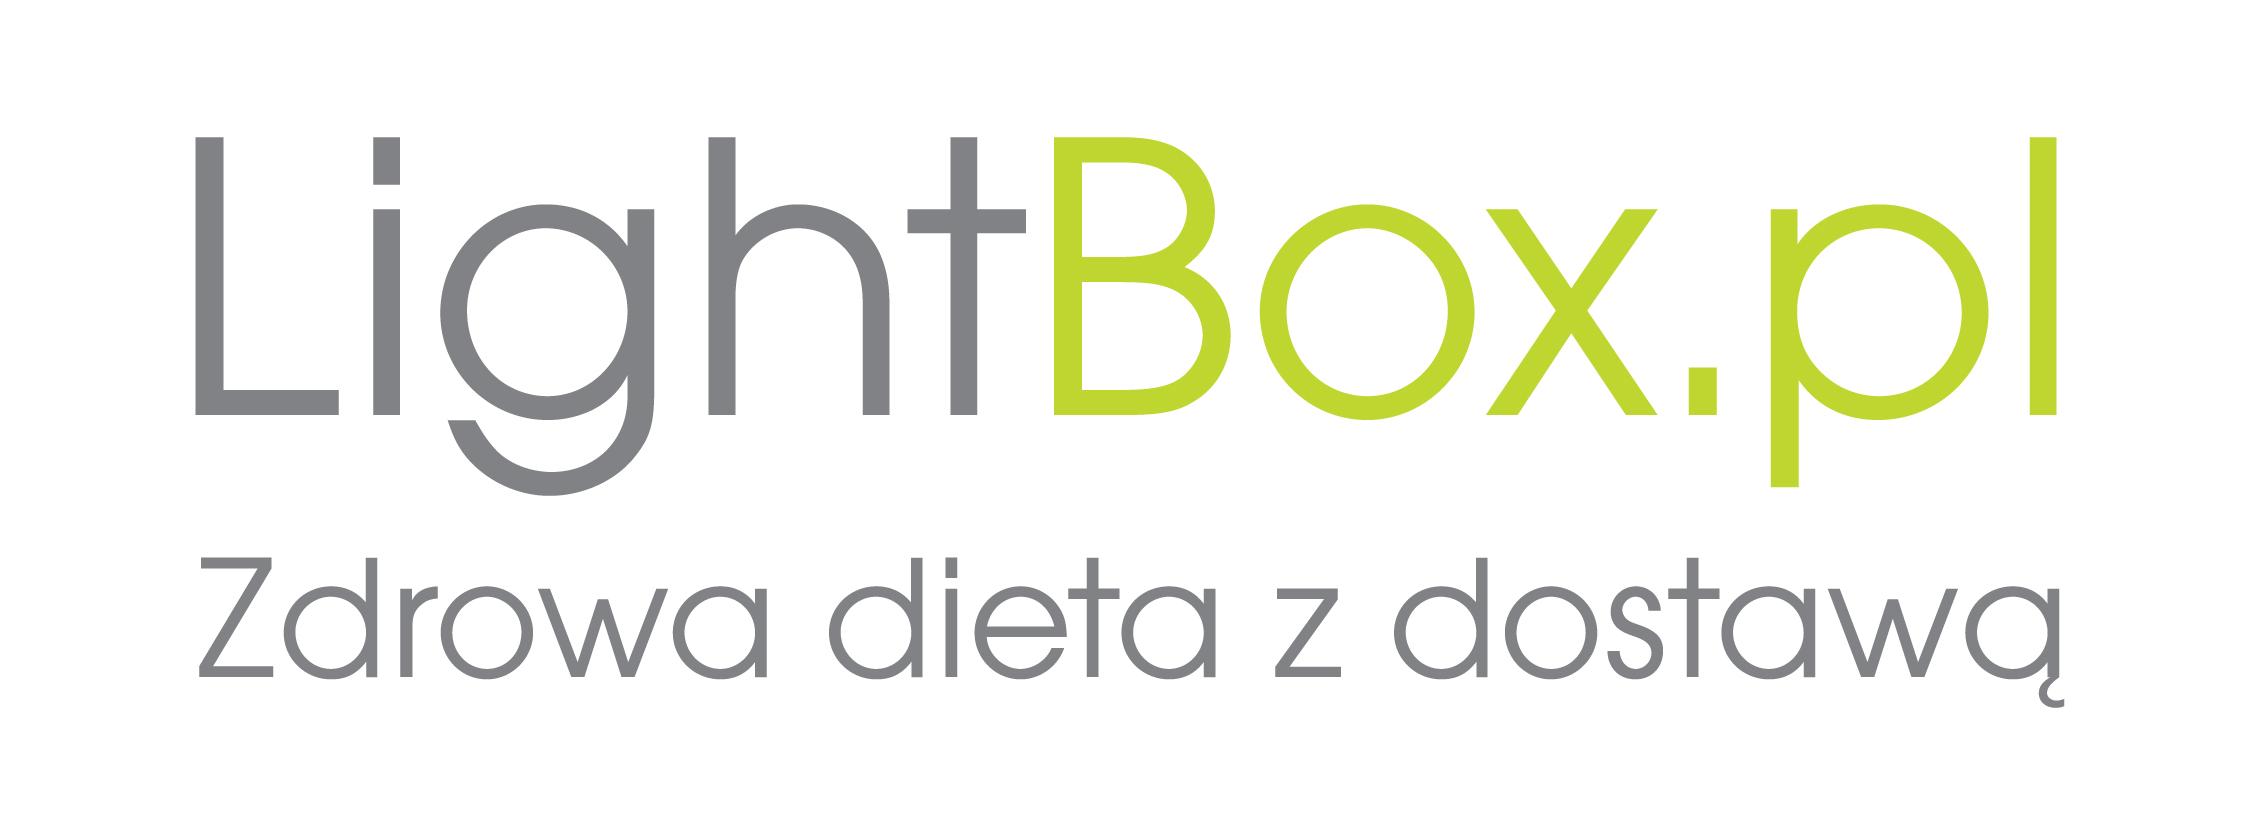 Light-Box_zdrowa-dieta-z-dostaw_logo_demijpg